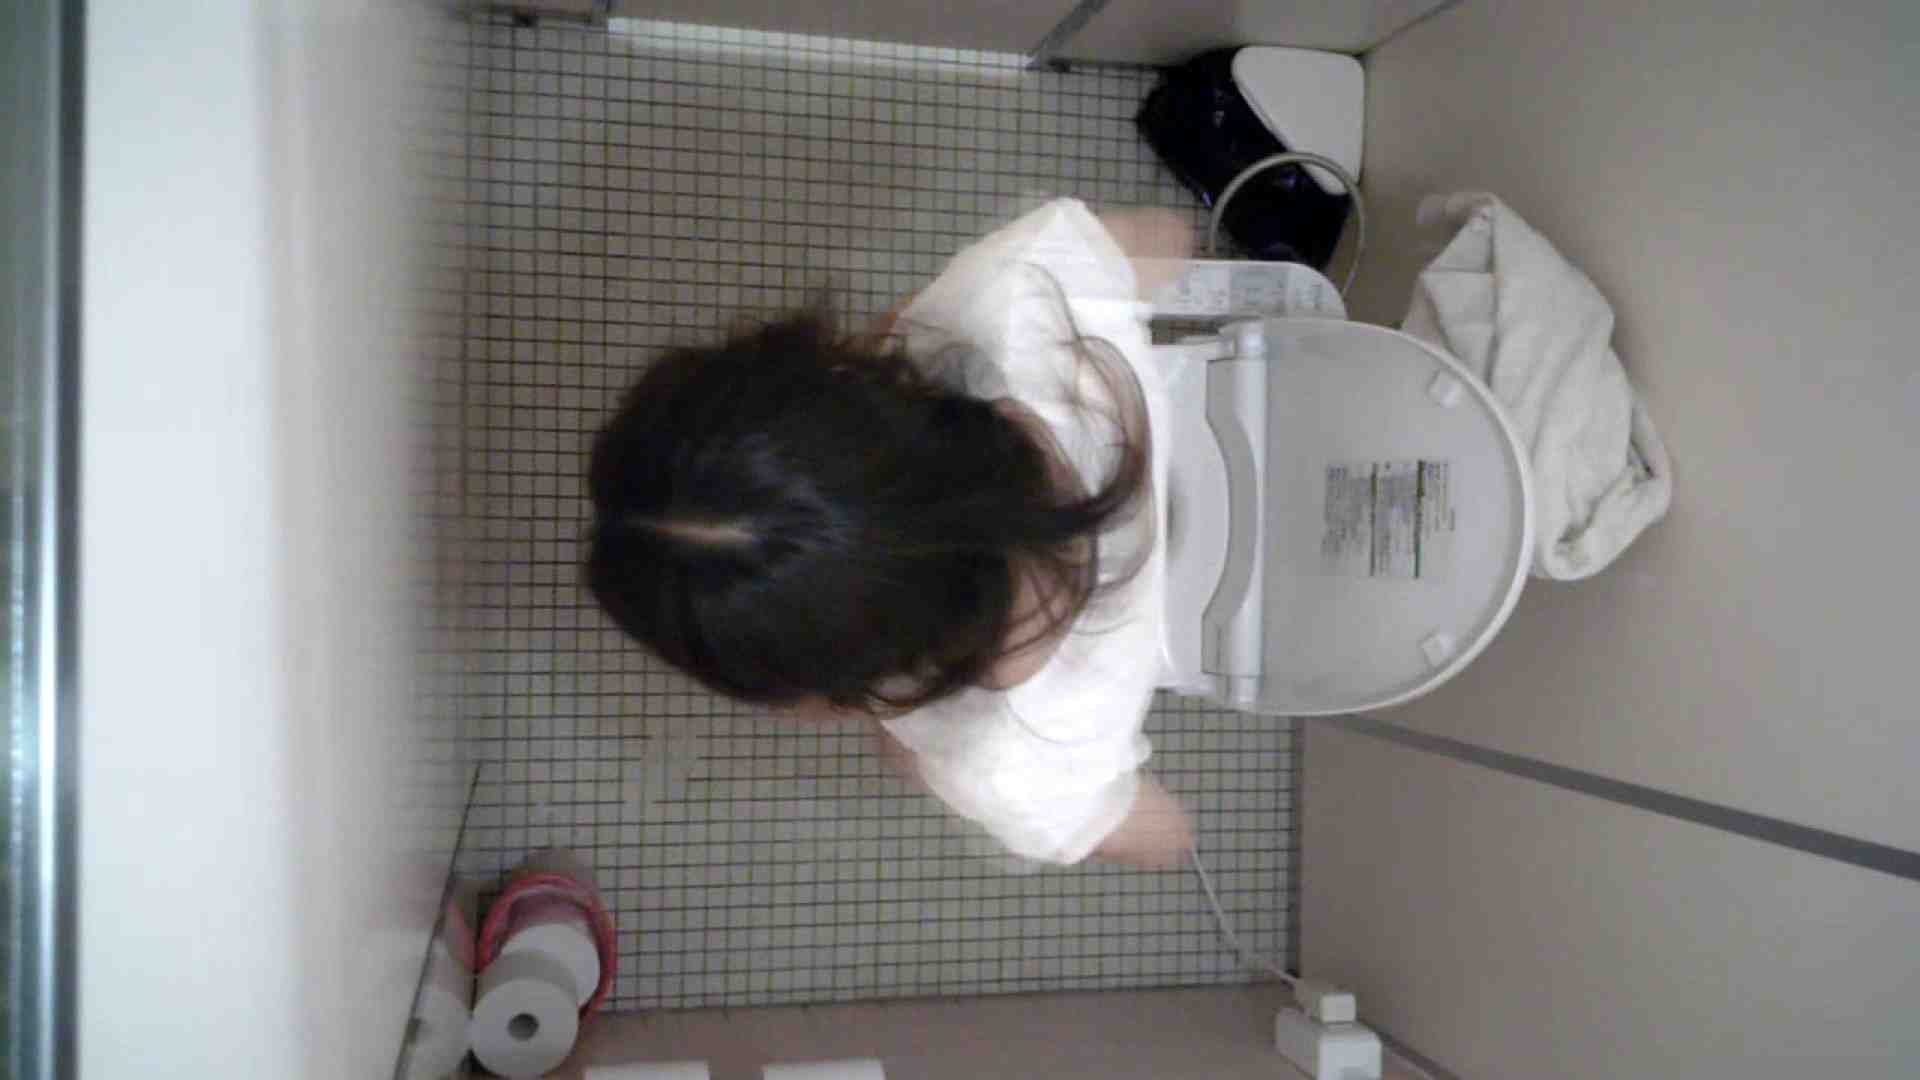 有名大学女性洗面所 vol.43 いつみても神秘的な世界です。 和式トイレ 濡れ場動画紹介 103pic 44